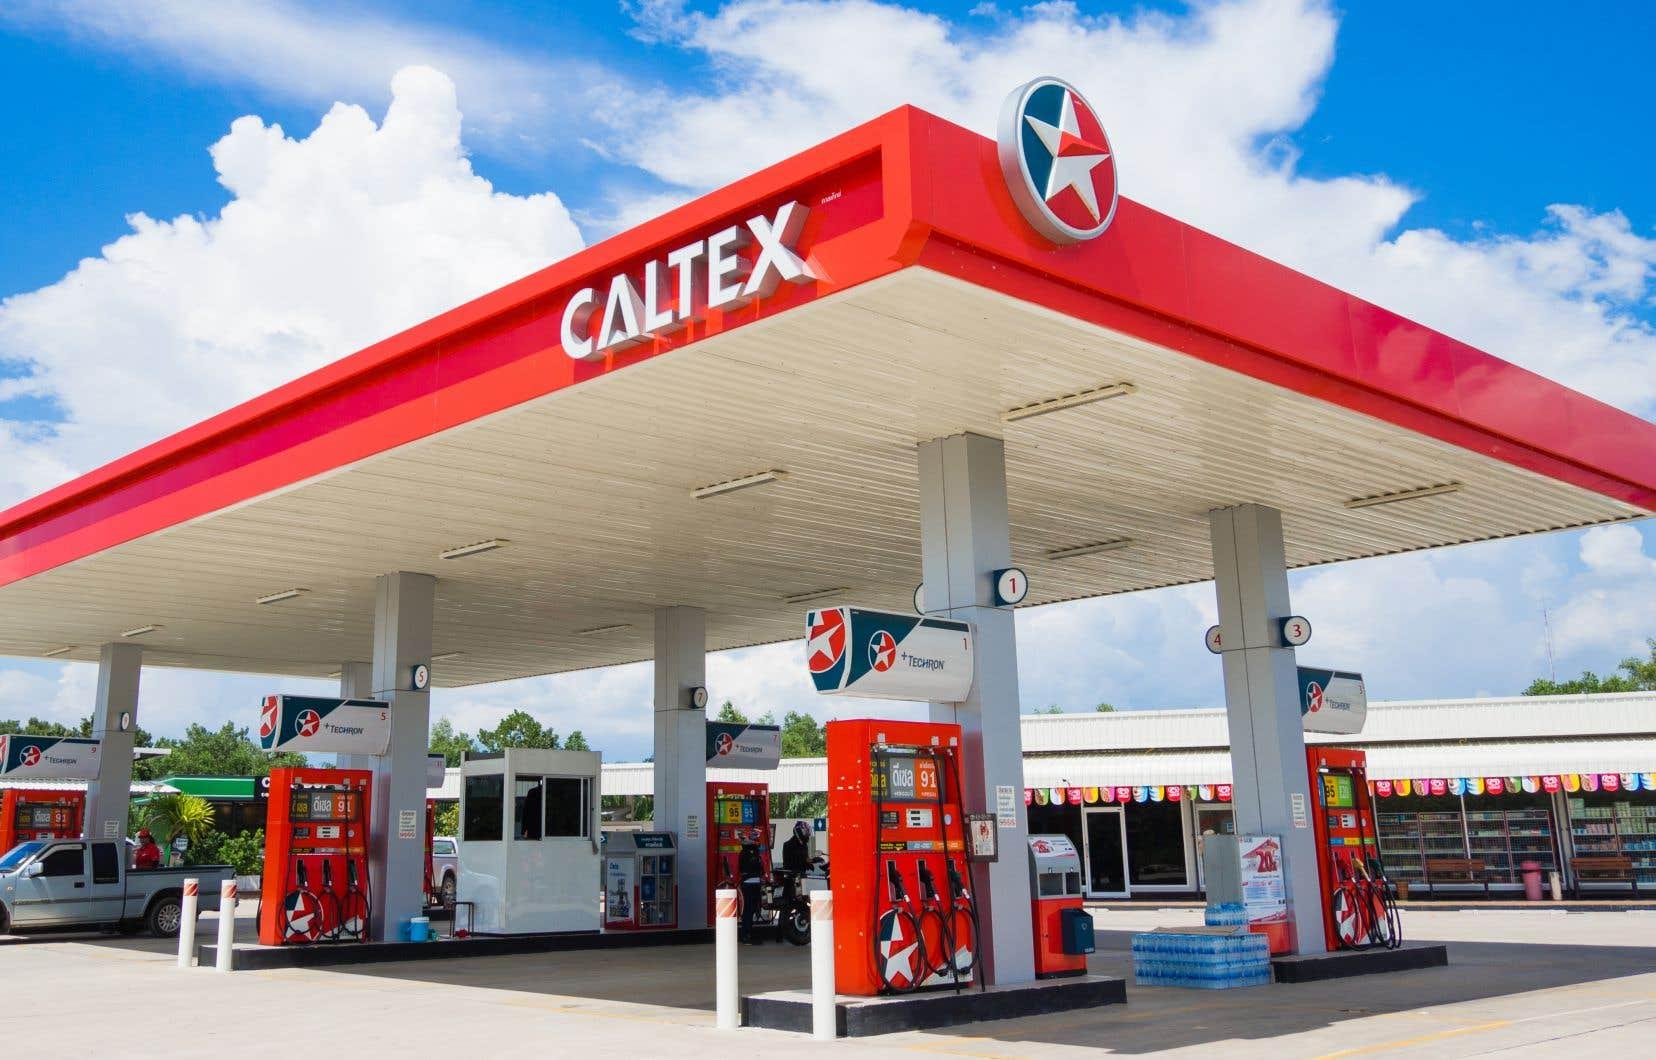 Une station-service Caltex en Thaïlande